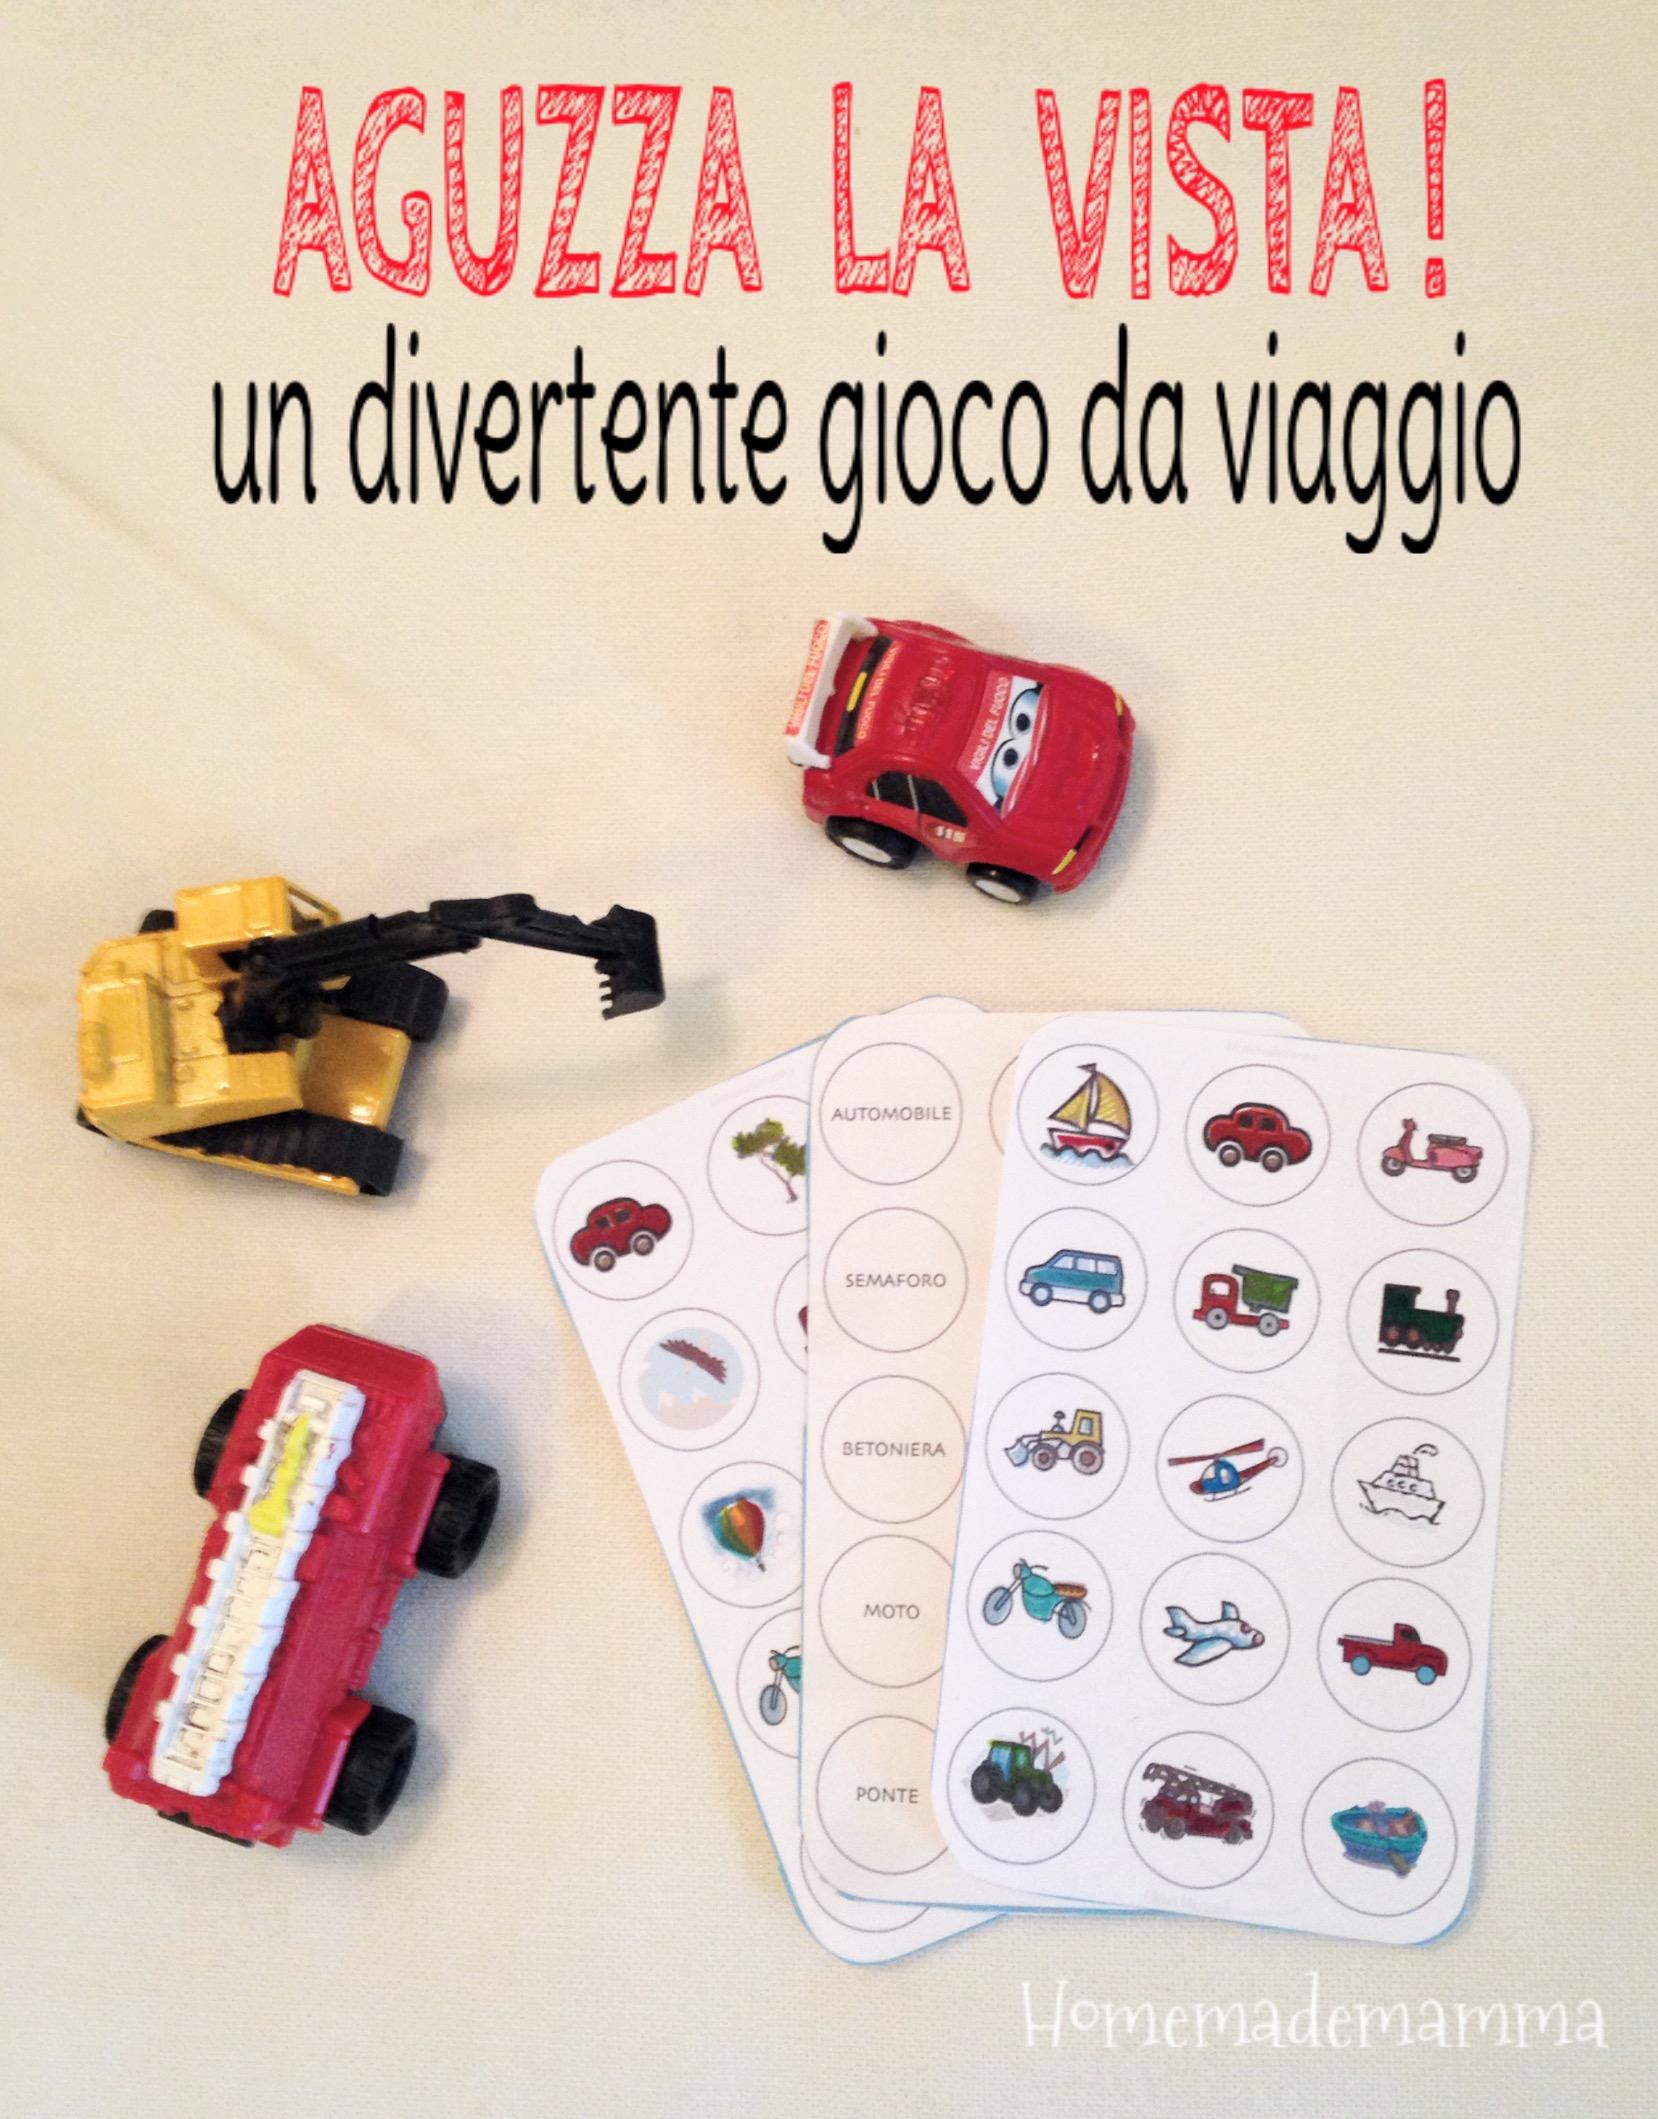 Bien connu Giochi Viaggio | DF47